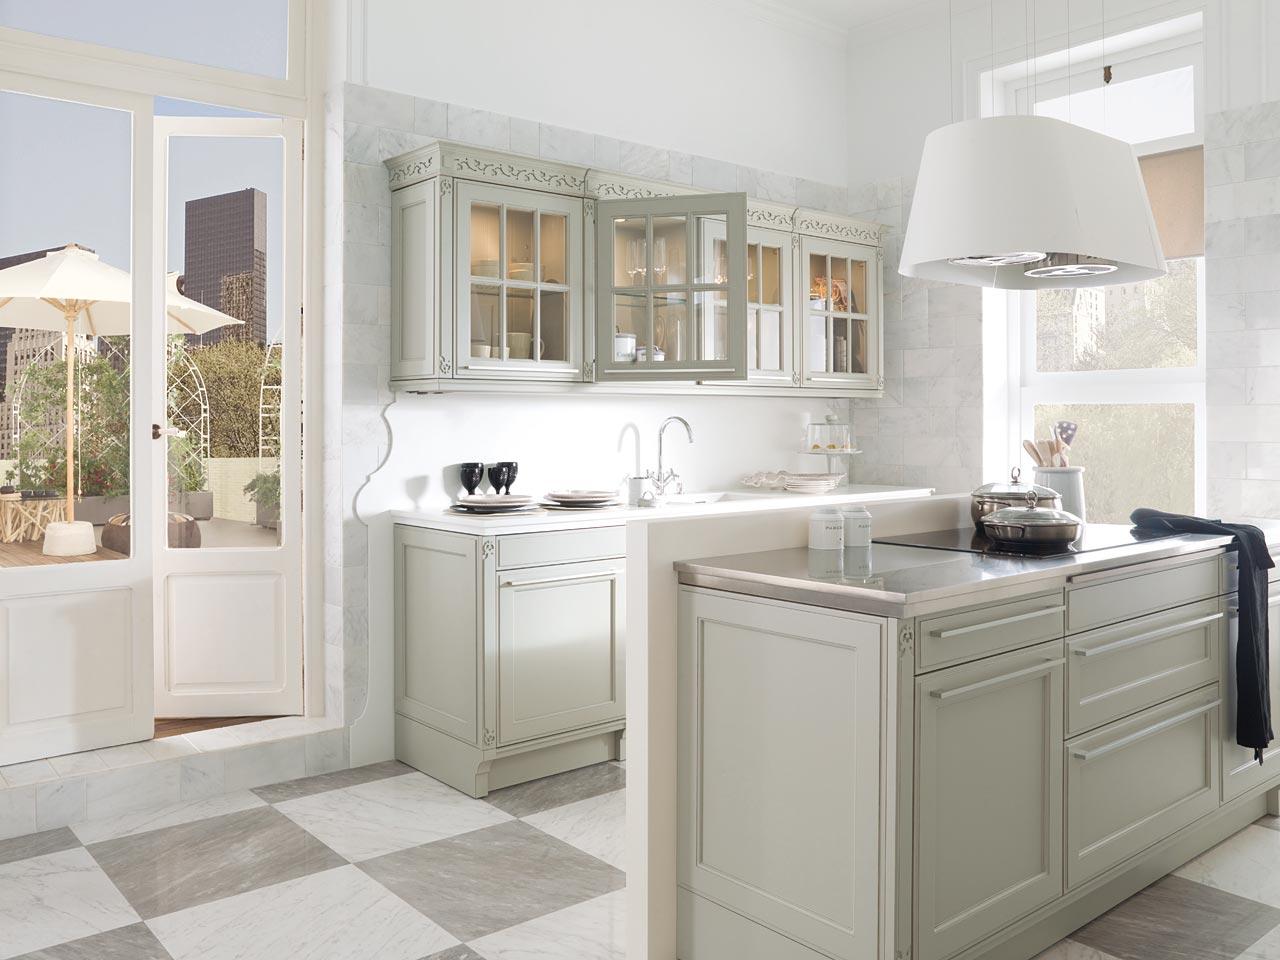 cocina style tradicional color beige blanco gris diseado por porcelanosa marca